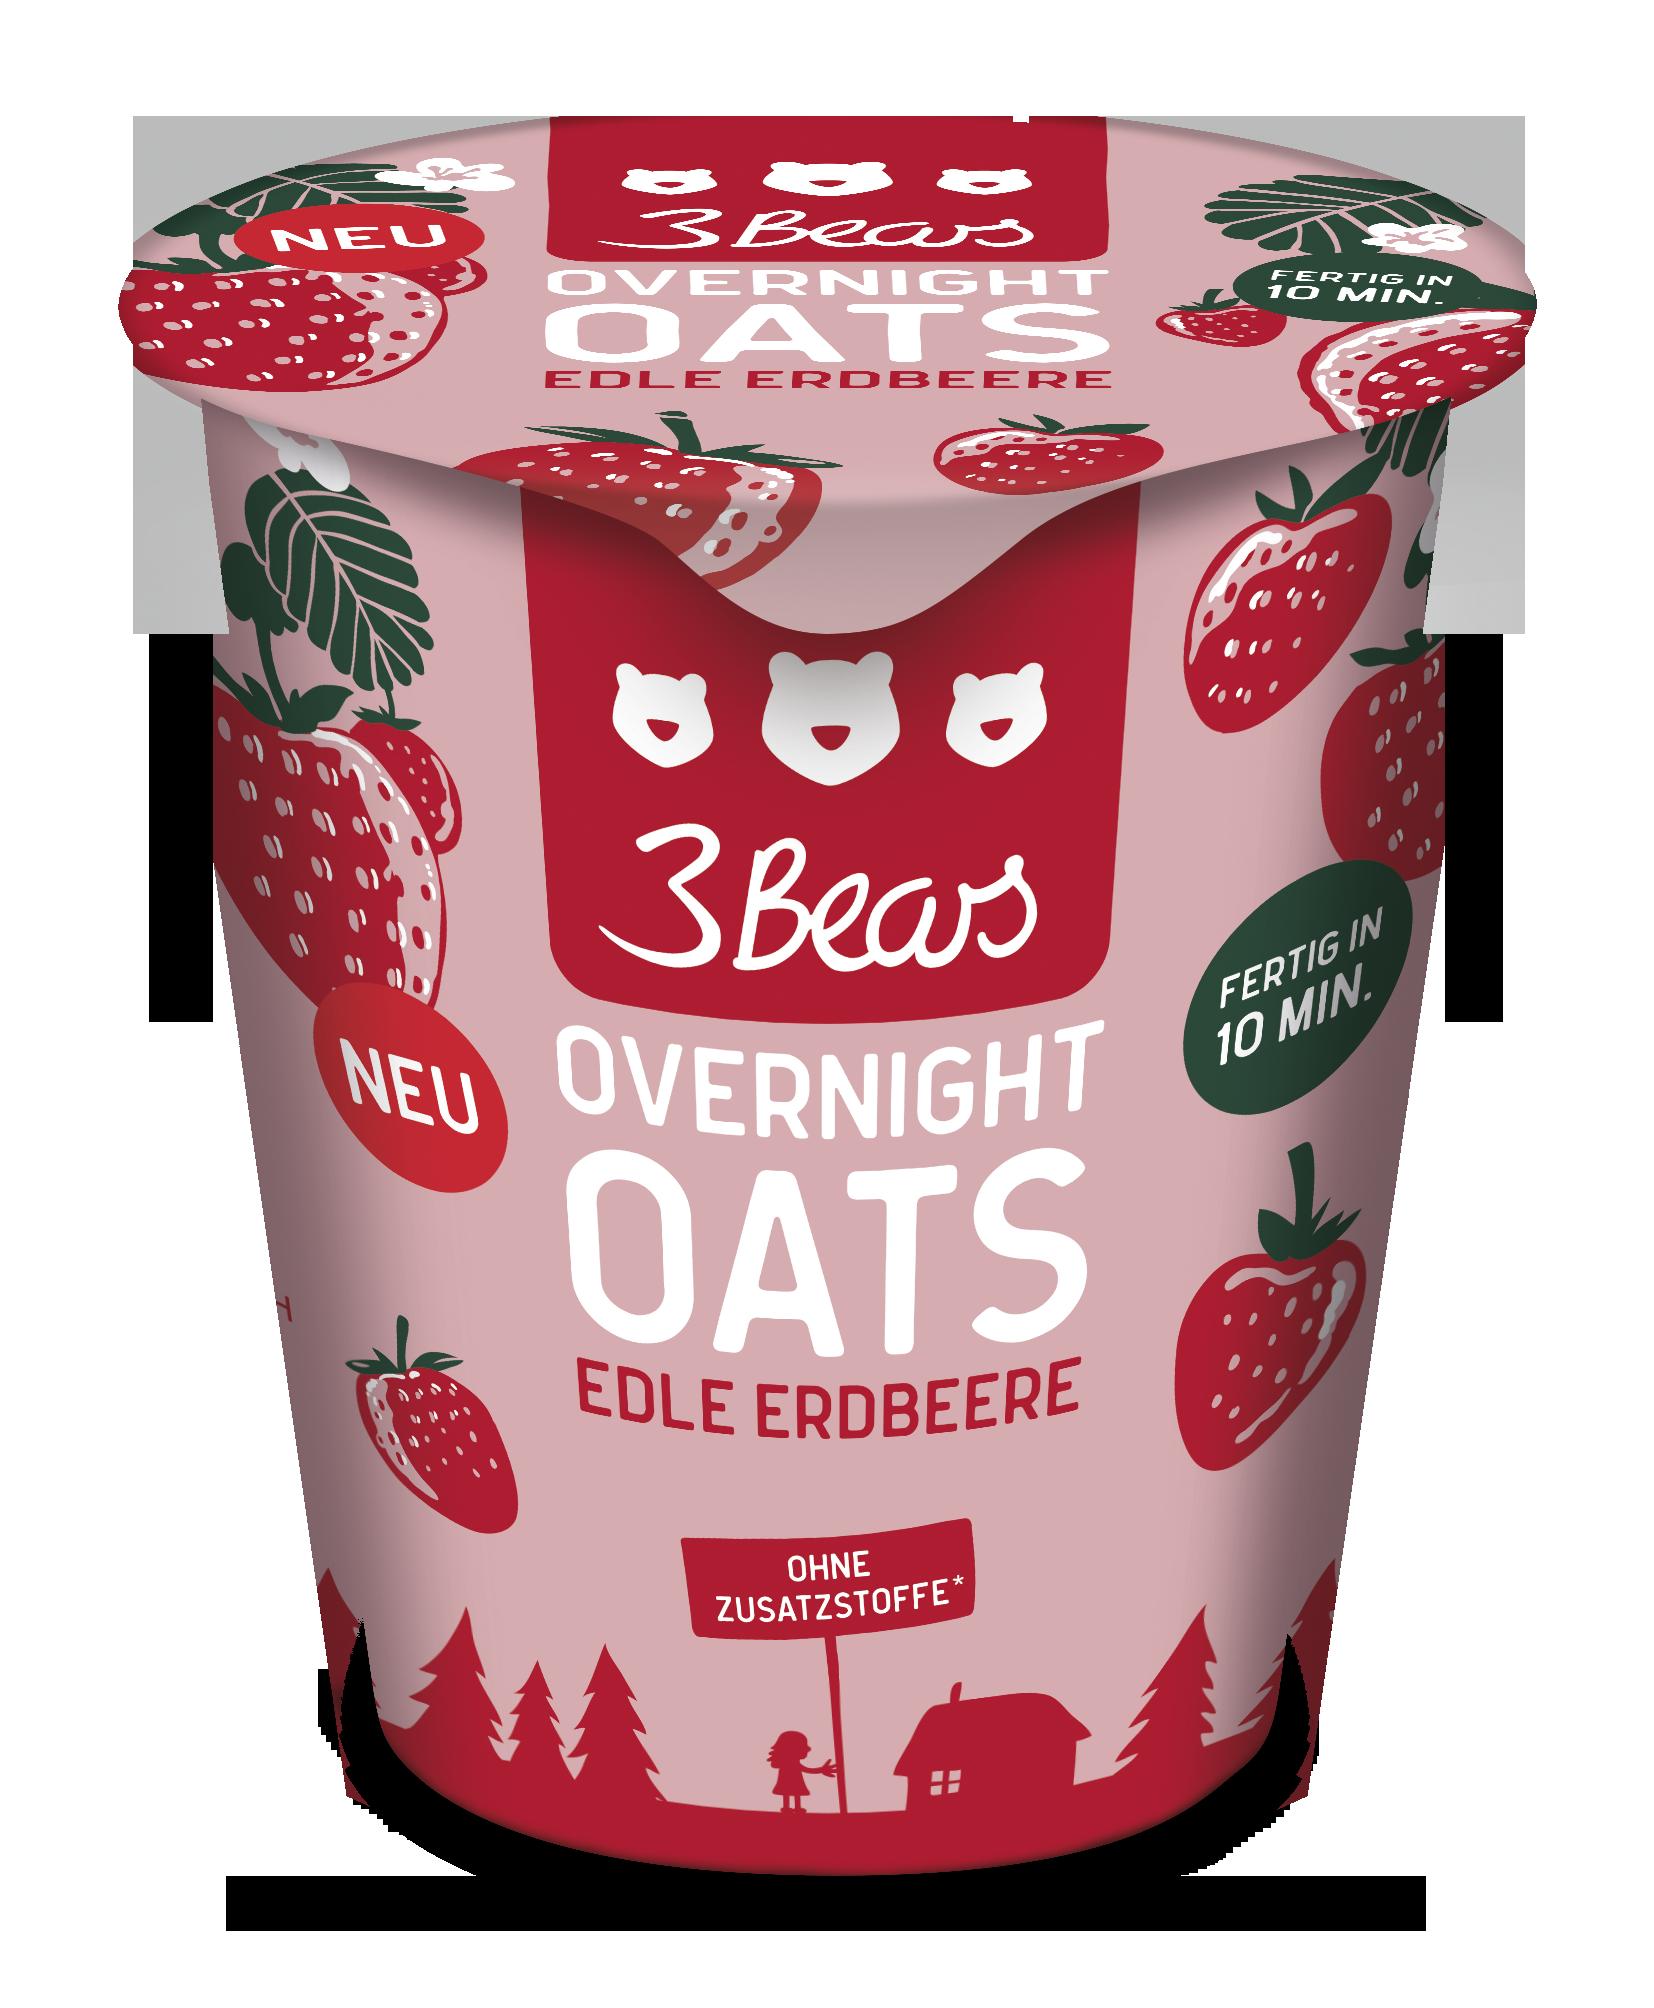 Vegan Overnight Oats Edle Erdbeere (55 g)